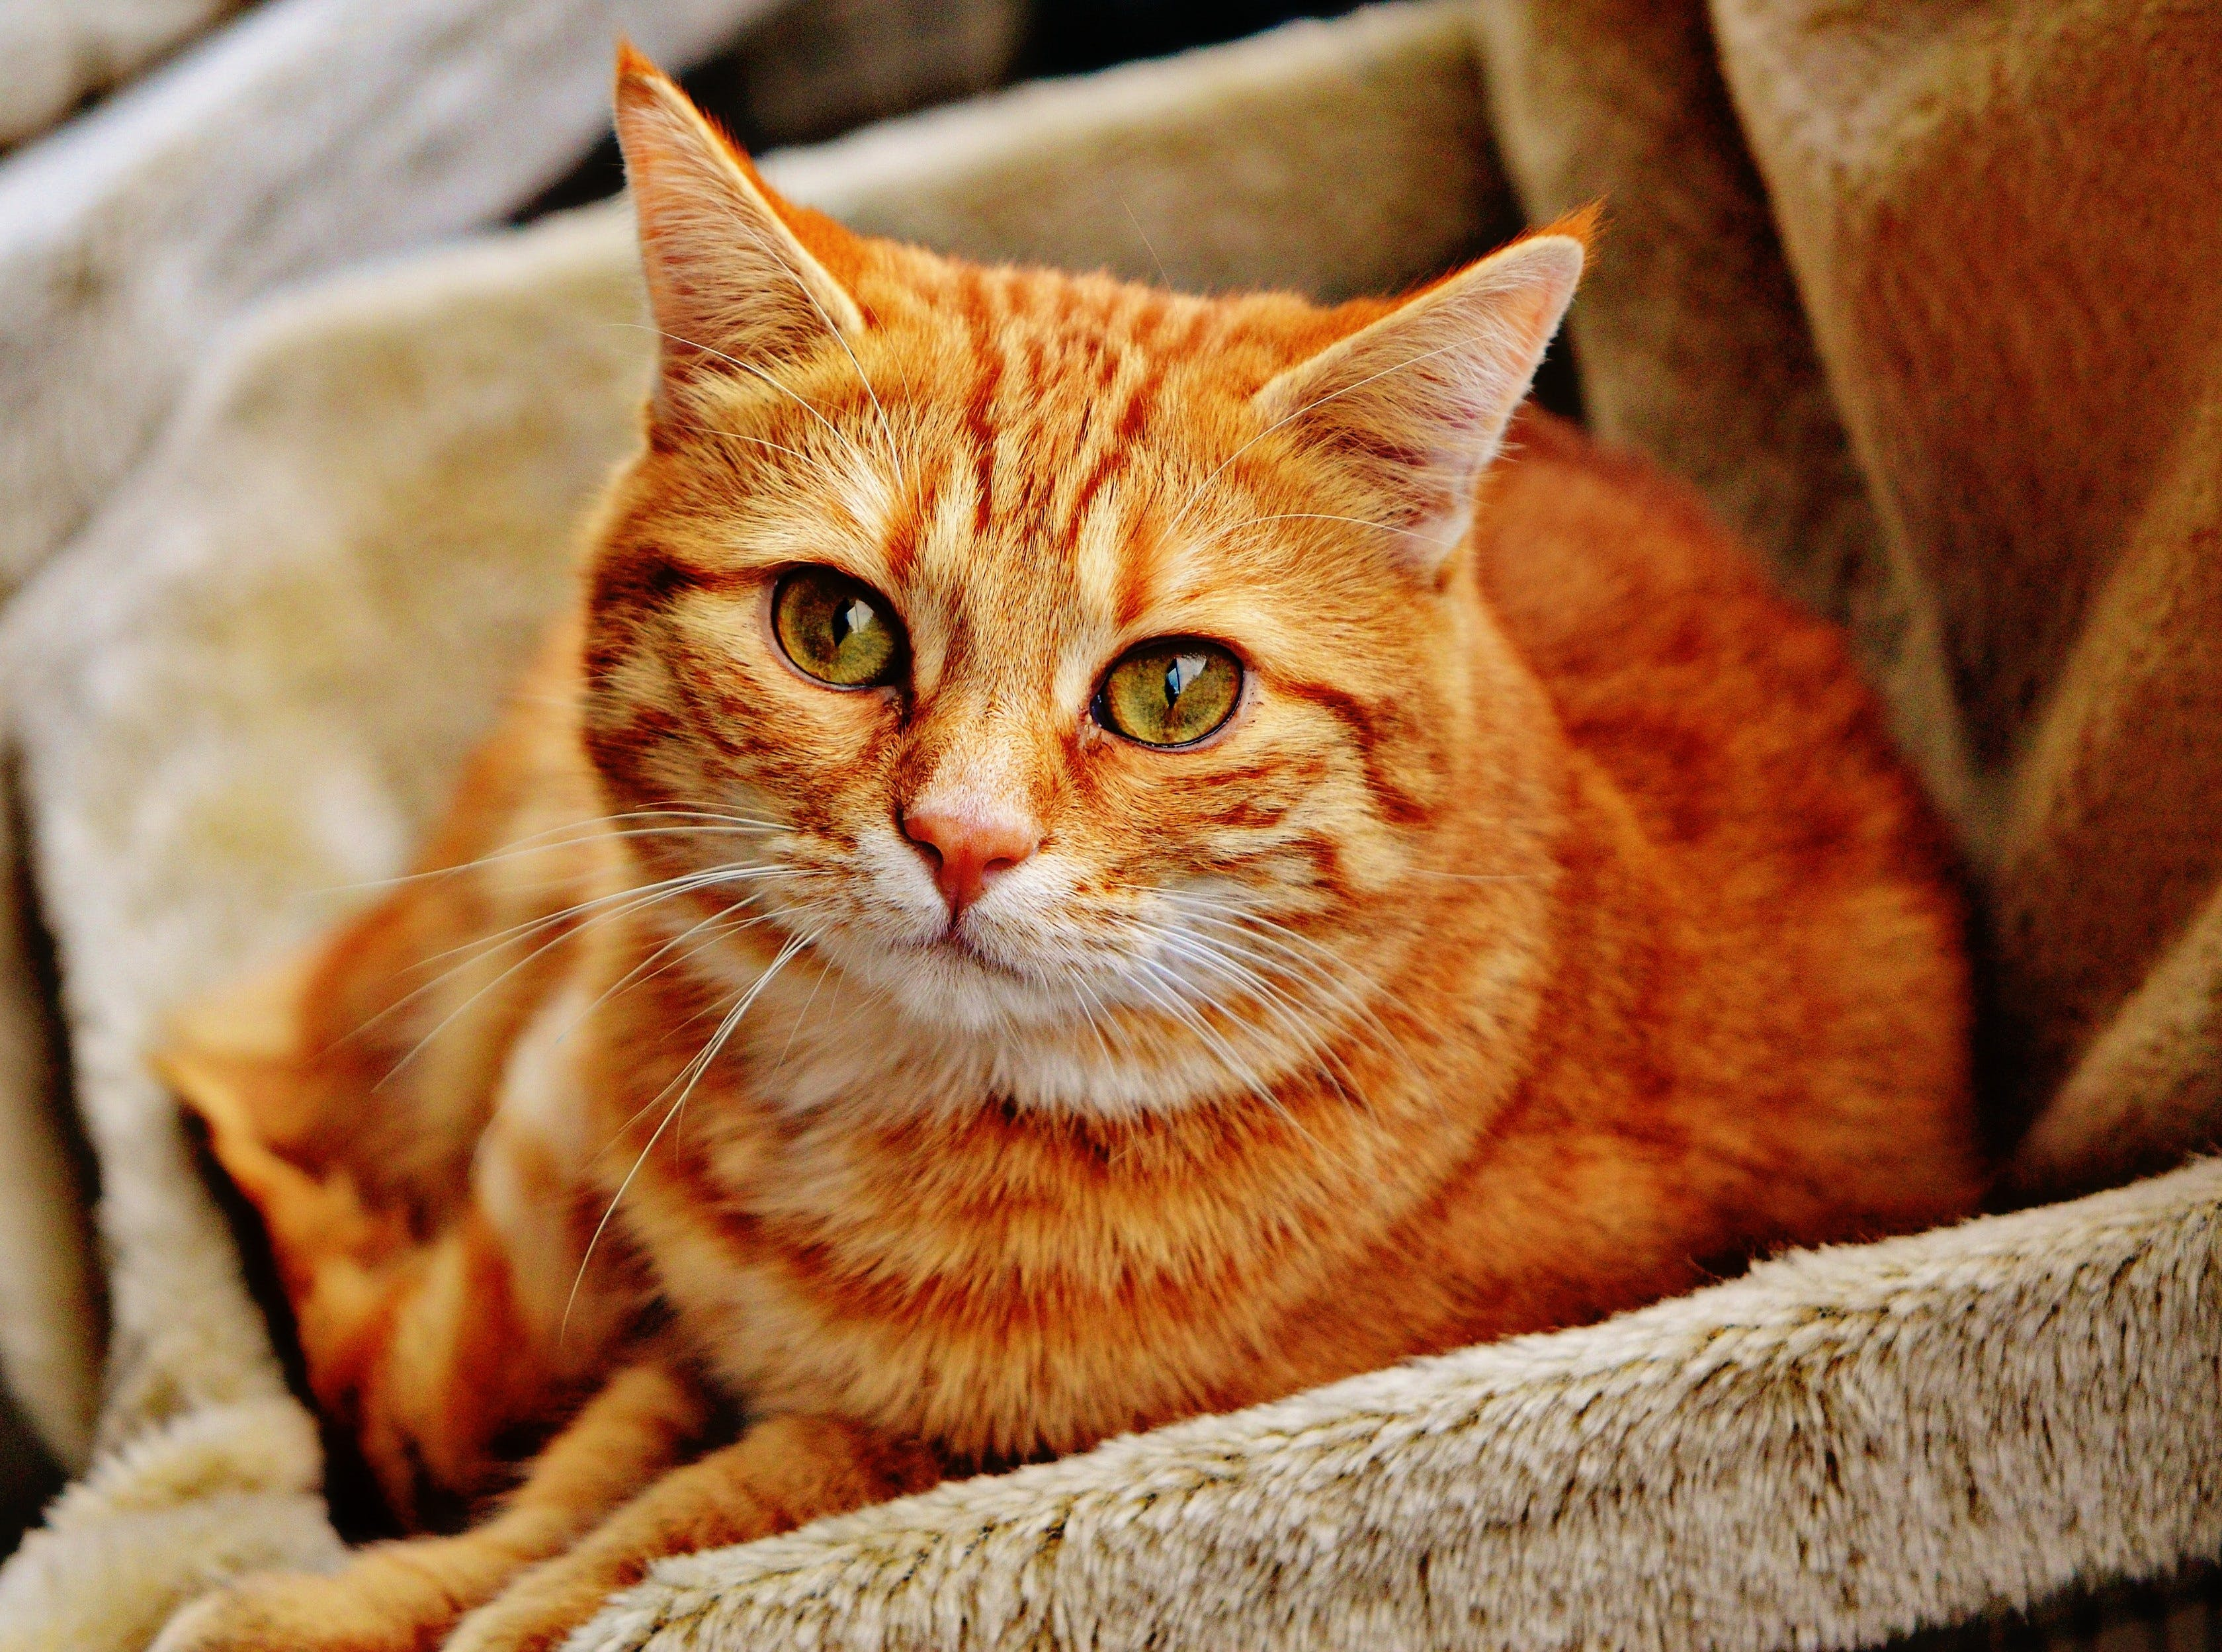 Kostenloses Stock Foto zu bezaubernd, felidae, gefleckt, hauskatze